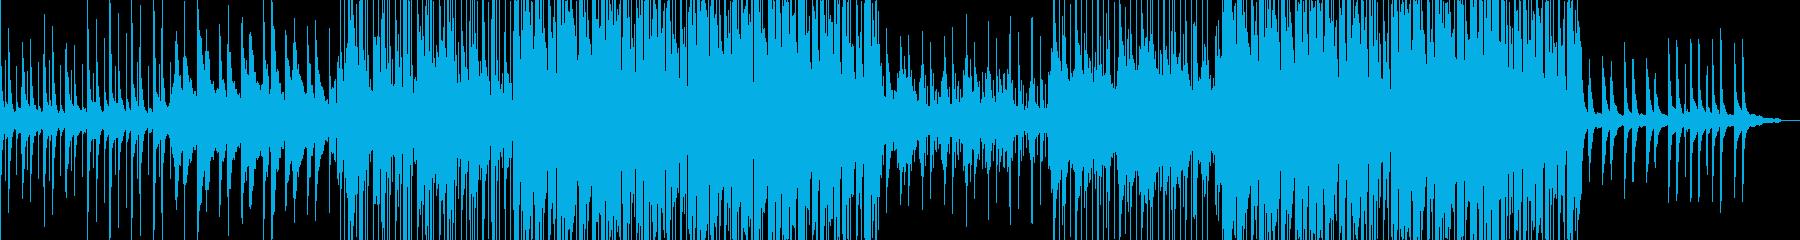 情緒的なアコースティックポップスの再生済みの波形